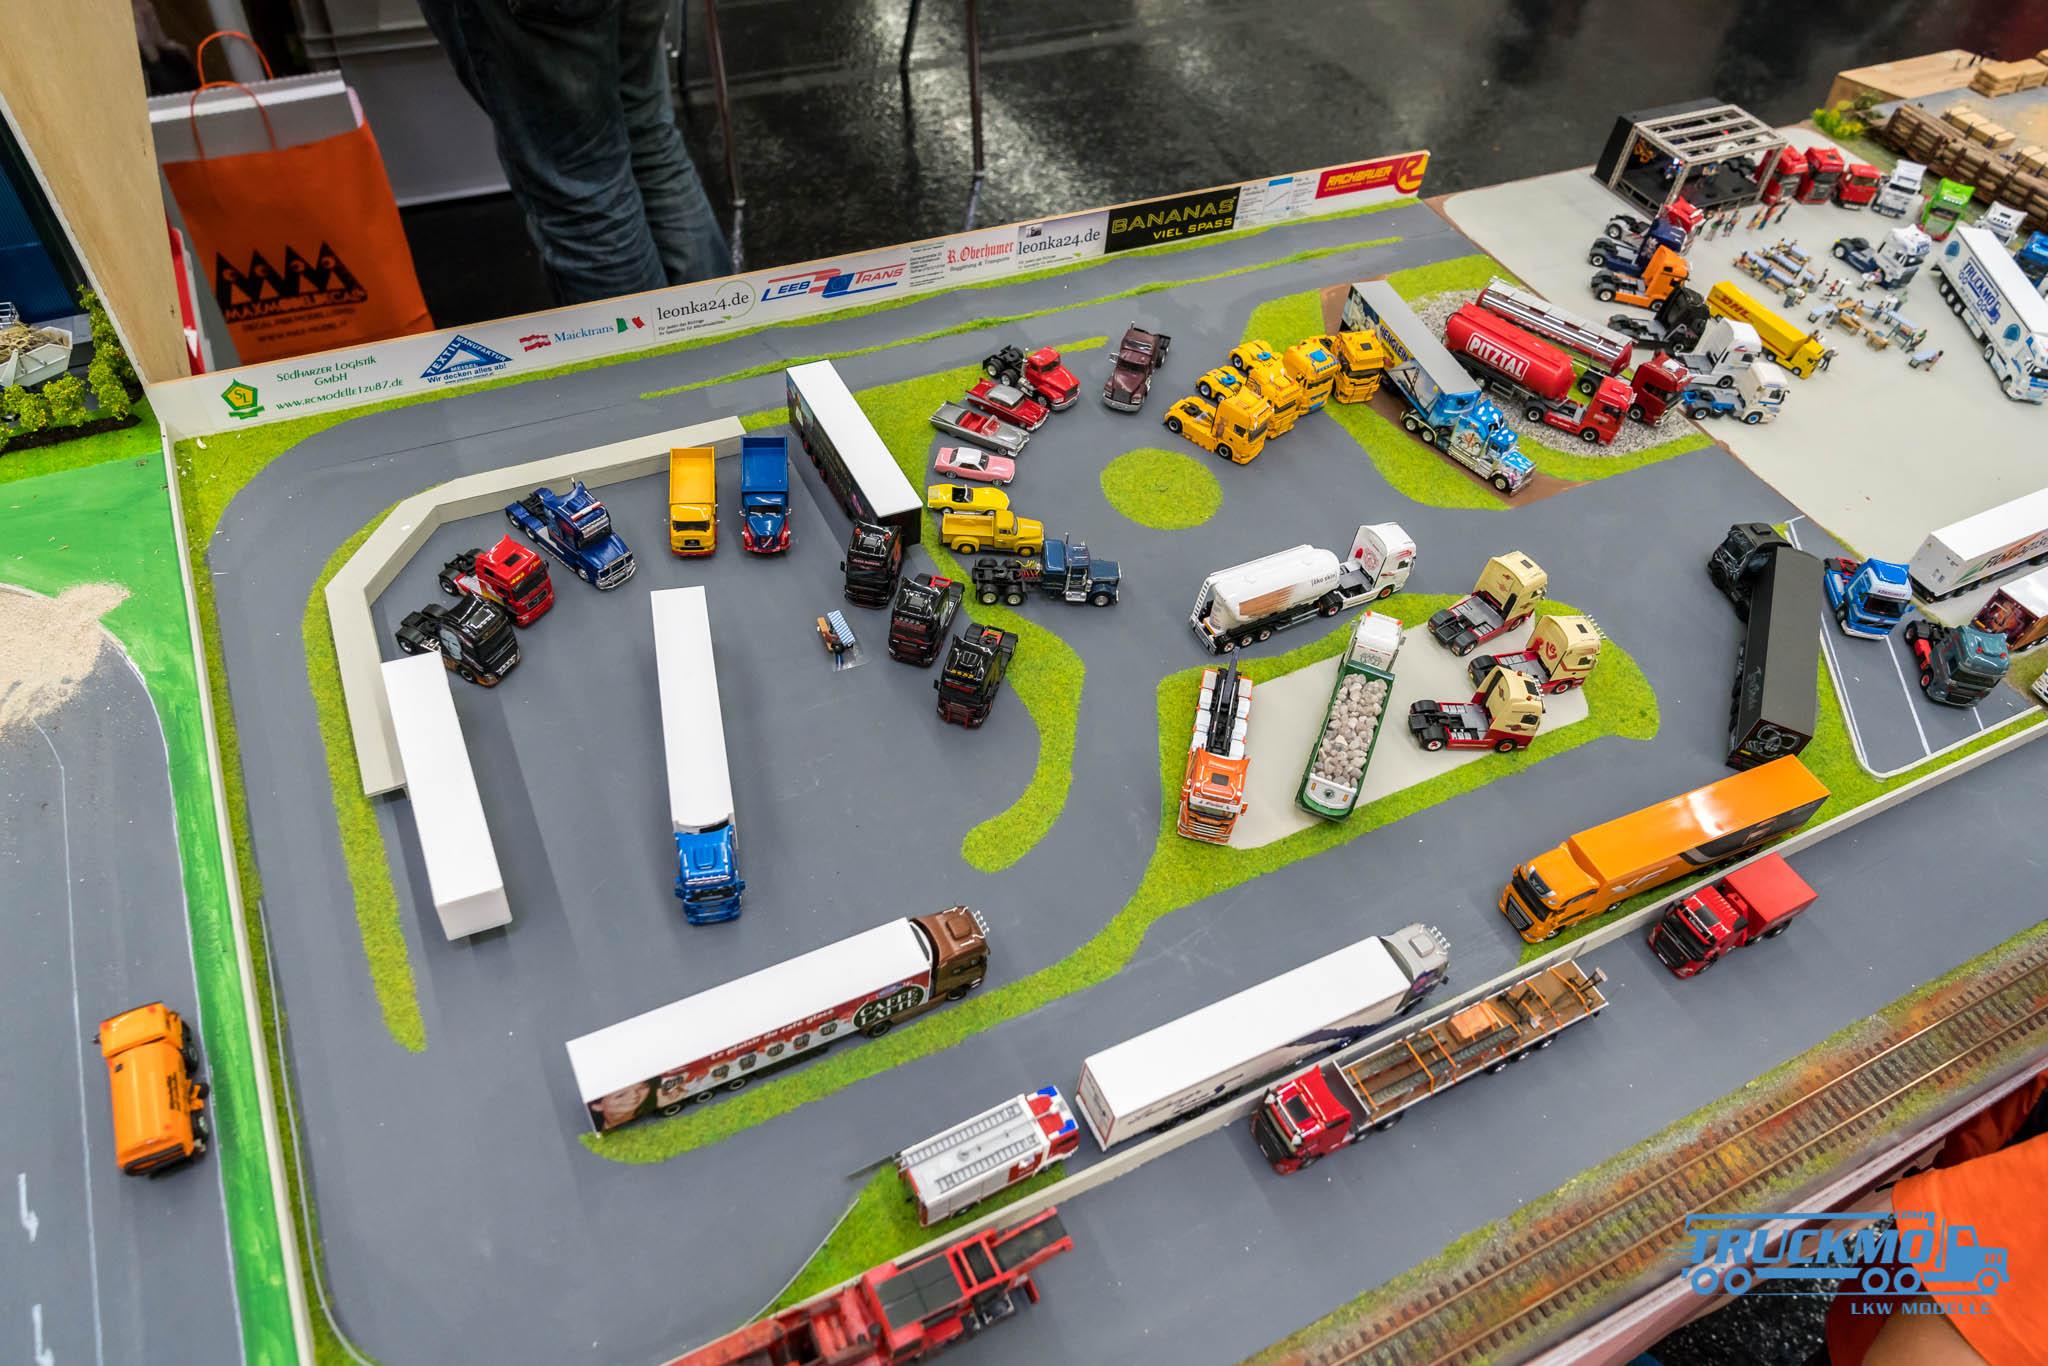 Truckmo_Modellbau_Ried_2017_Herpa_Messe_Modellbauausstellung (183 von 1177)